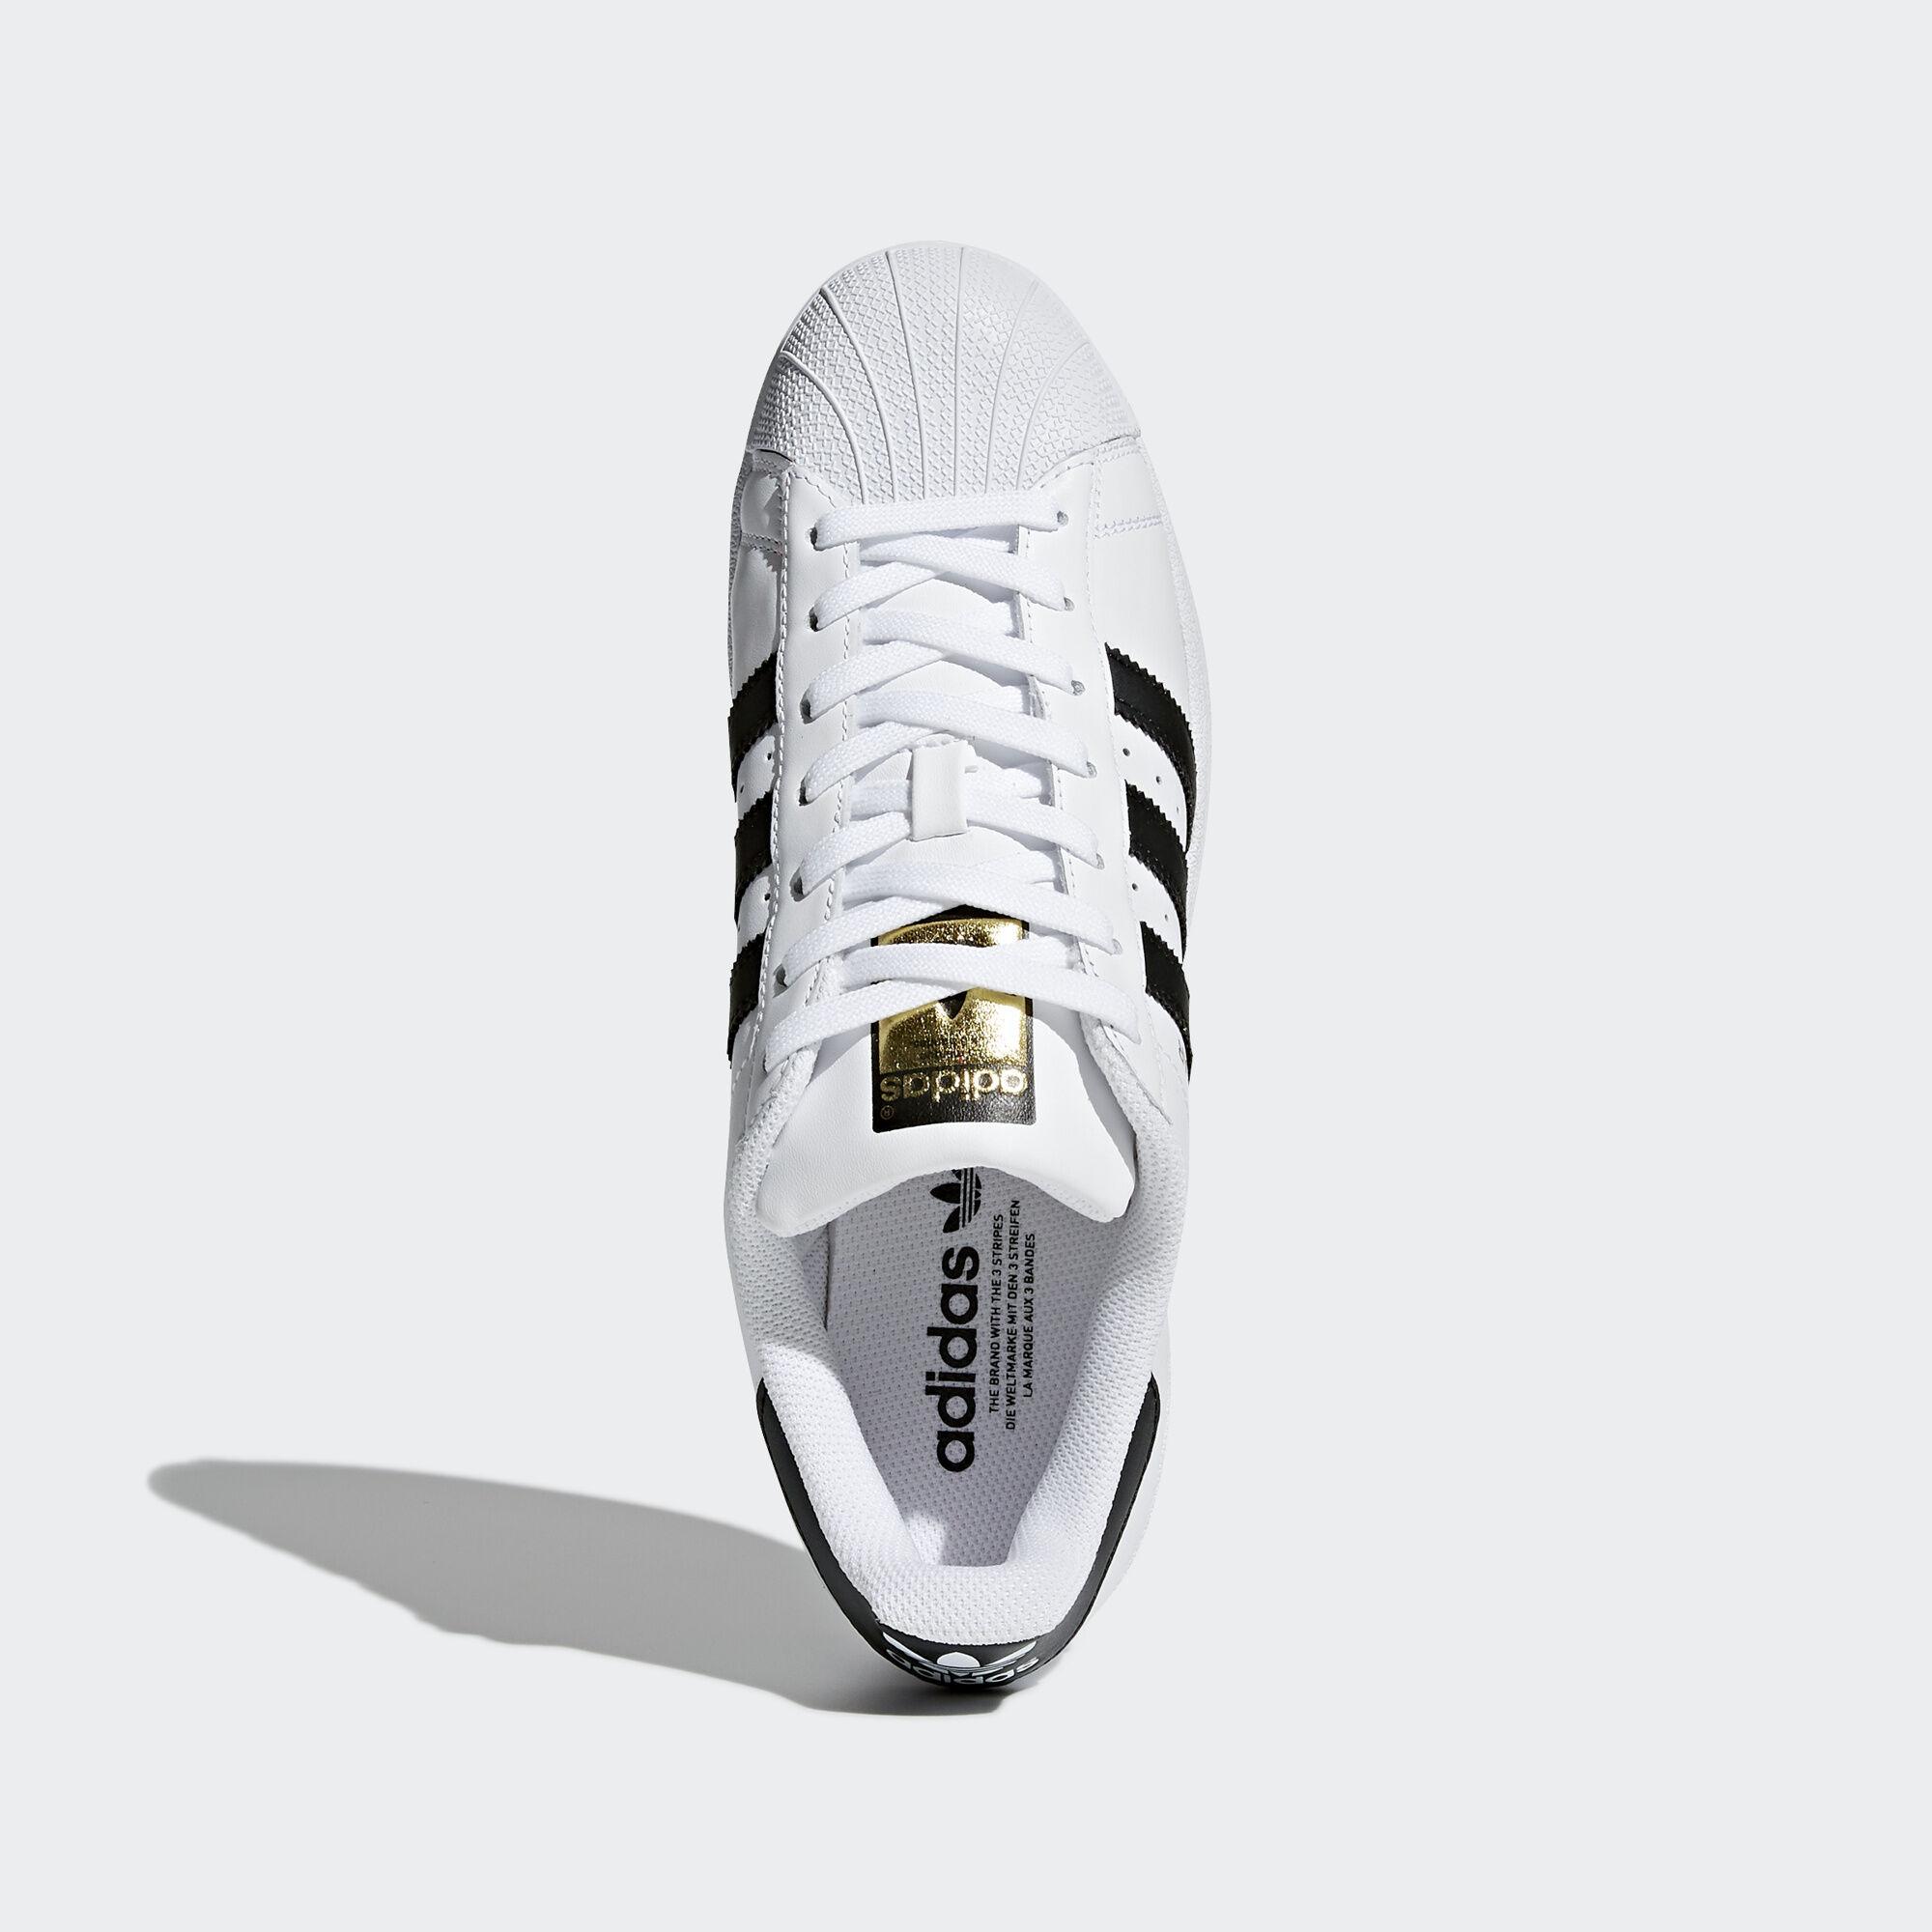 new styles c7c4c 6448f Unas Busco Adidas Unas Forocoches Superstar Busco wzqWC8T